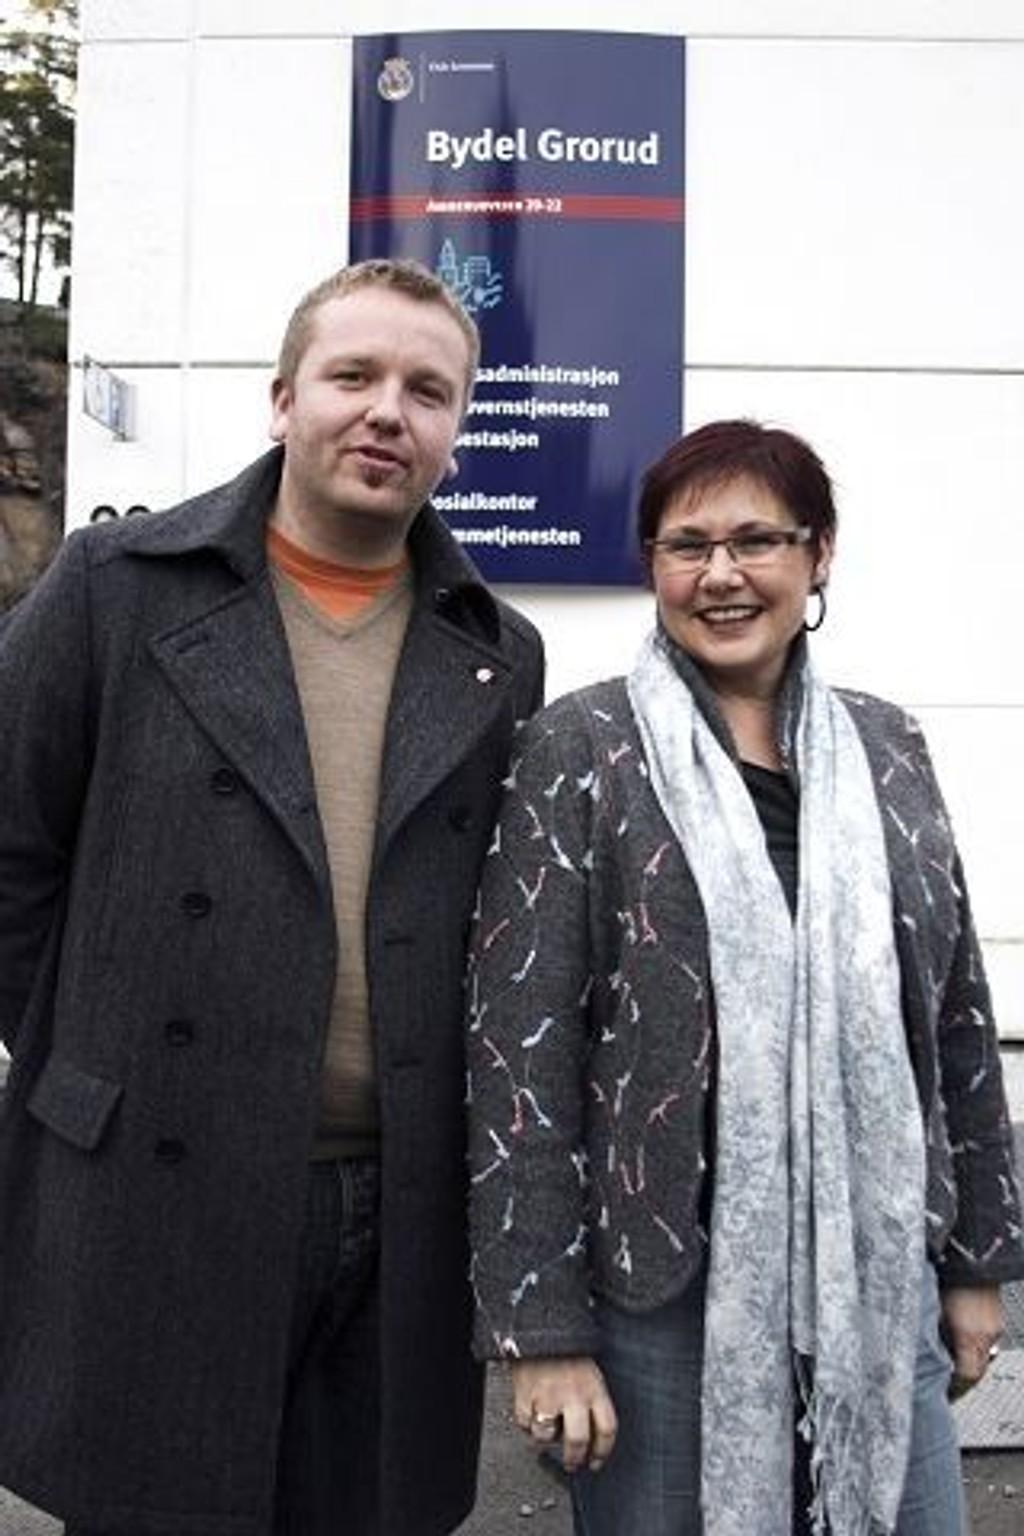 Fant tonen: Anders Røberg-Larsen (Ap) og Judith Kvernes (SV) gleder seg til å ta fatt som henholdsvis leder og nestleder av bydelsutvalget på Grorud.